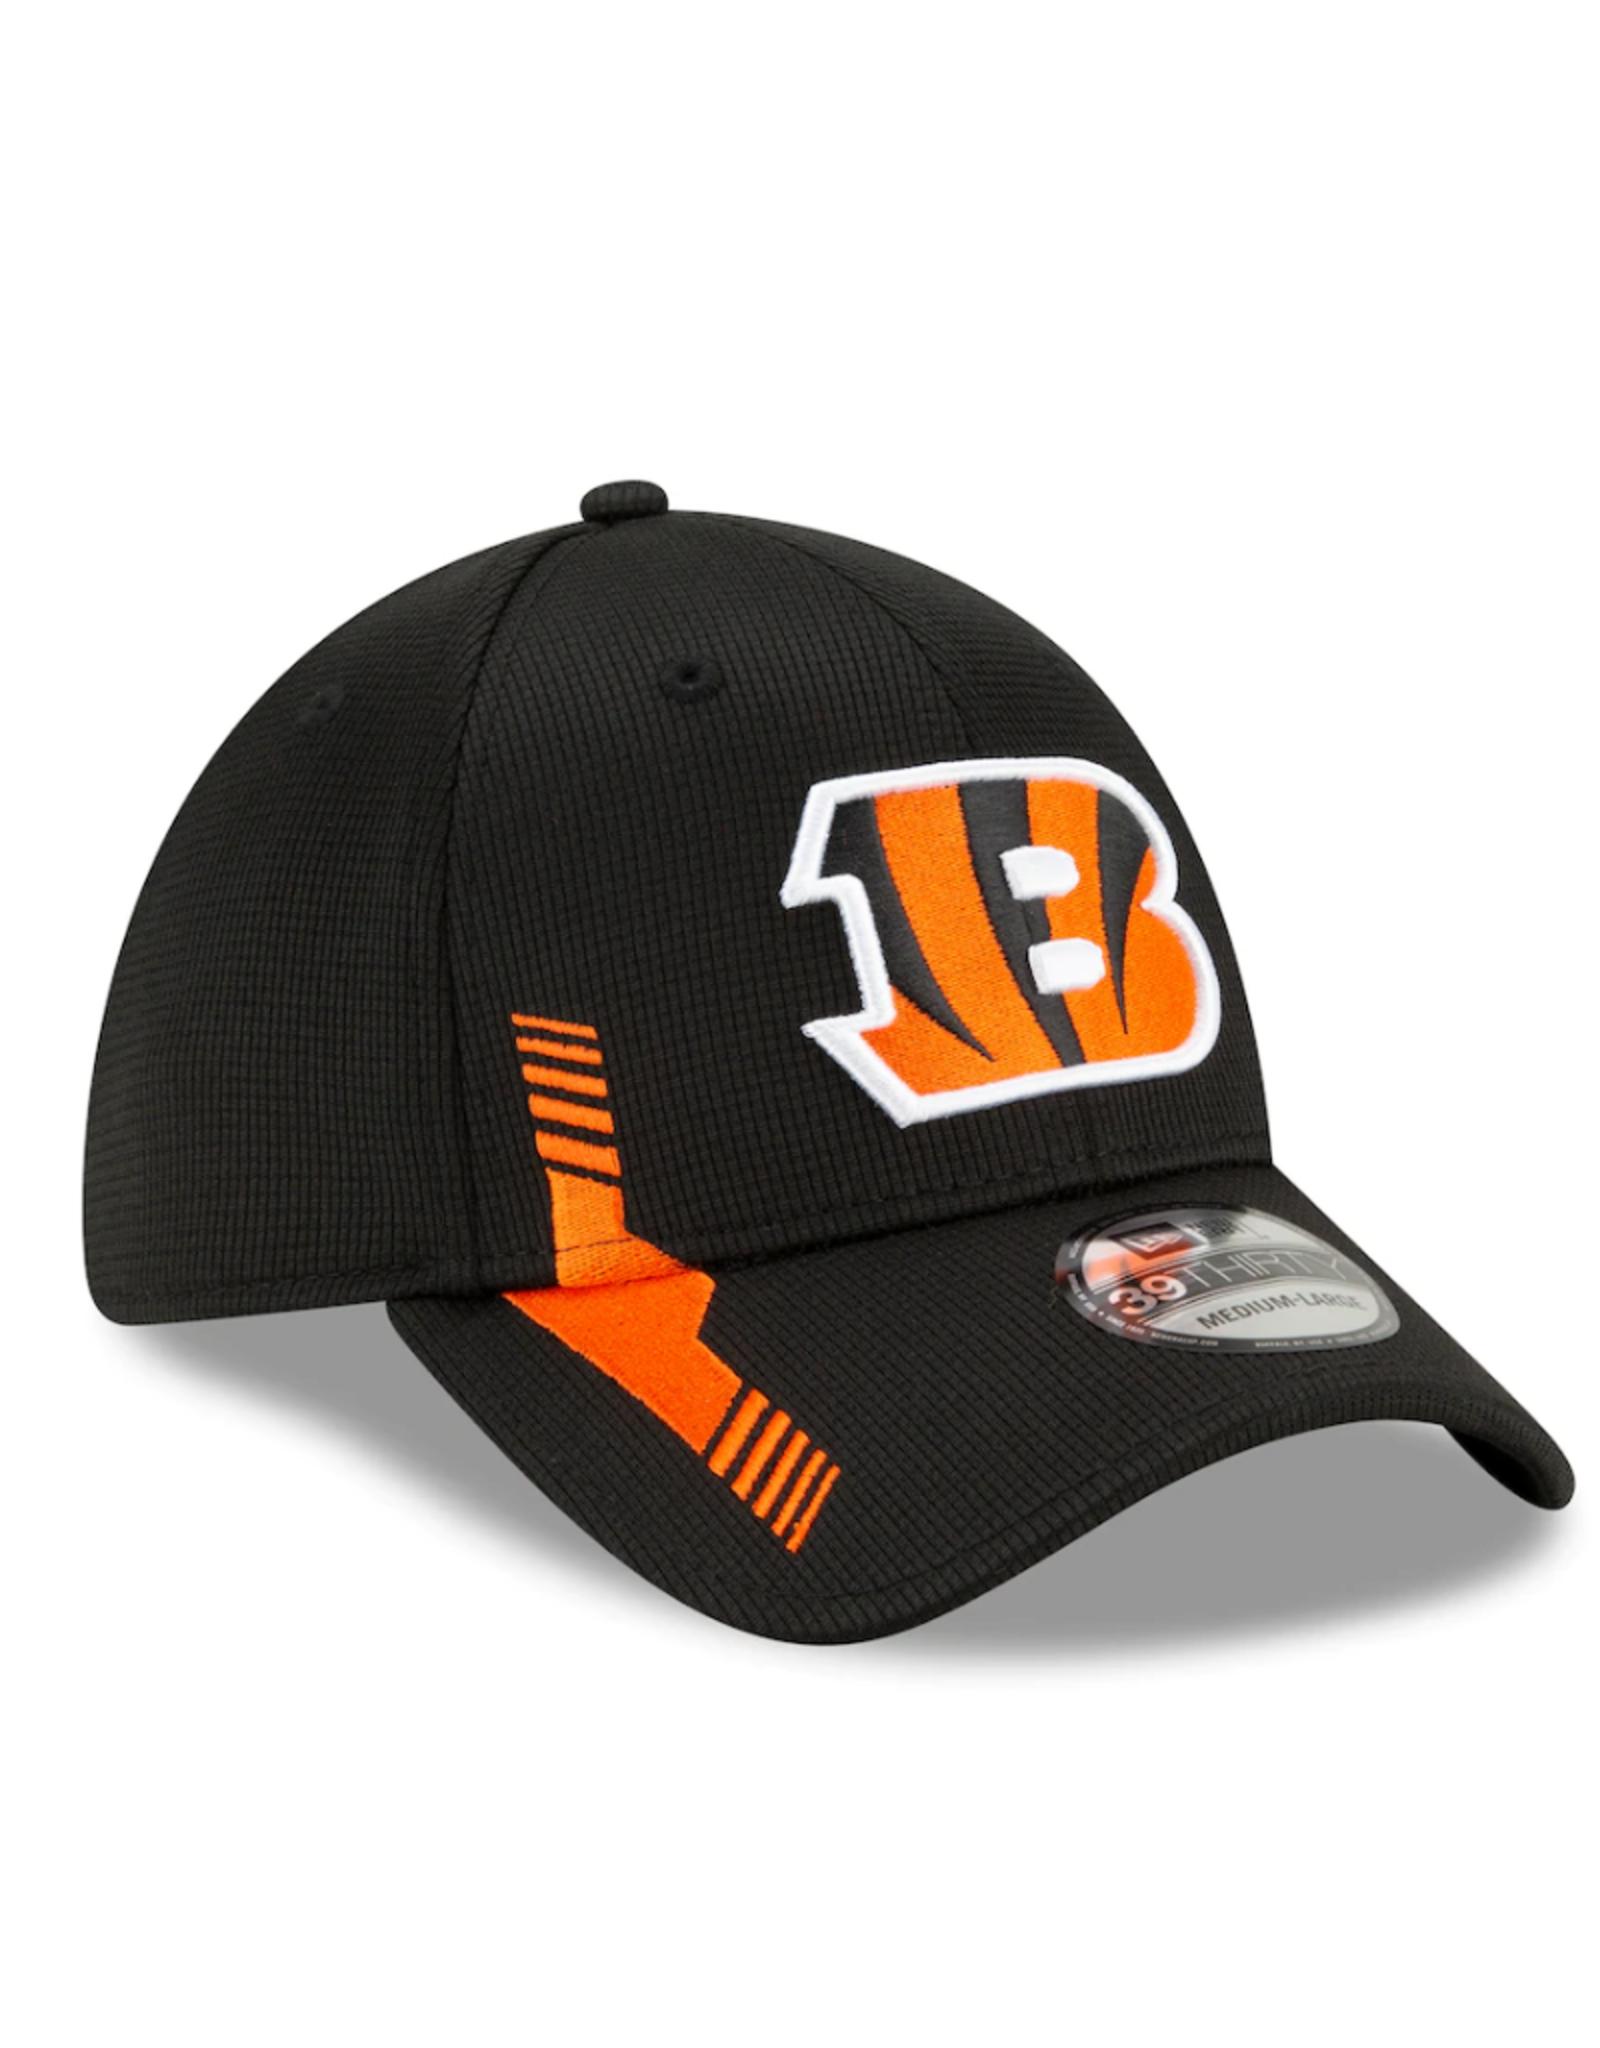 New Era Men's '21 39THIRTY Sideline Home Hat Cincinnati Bengals Black